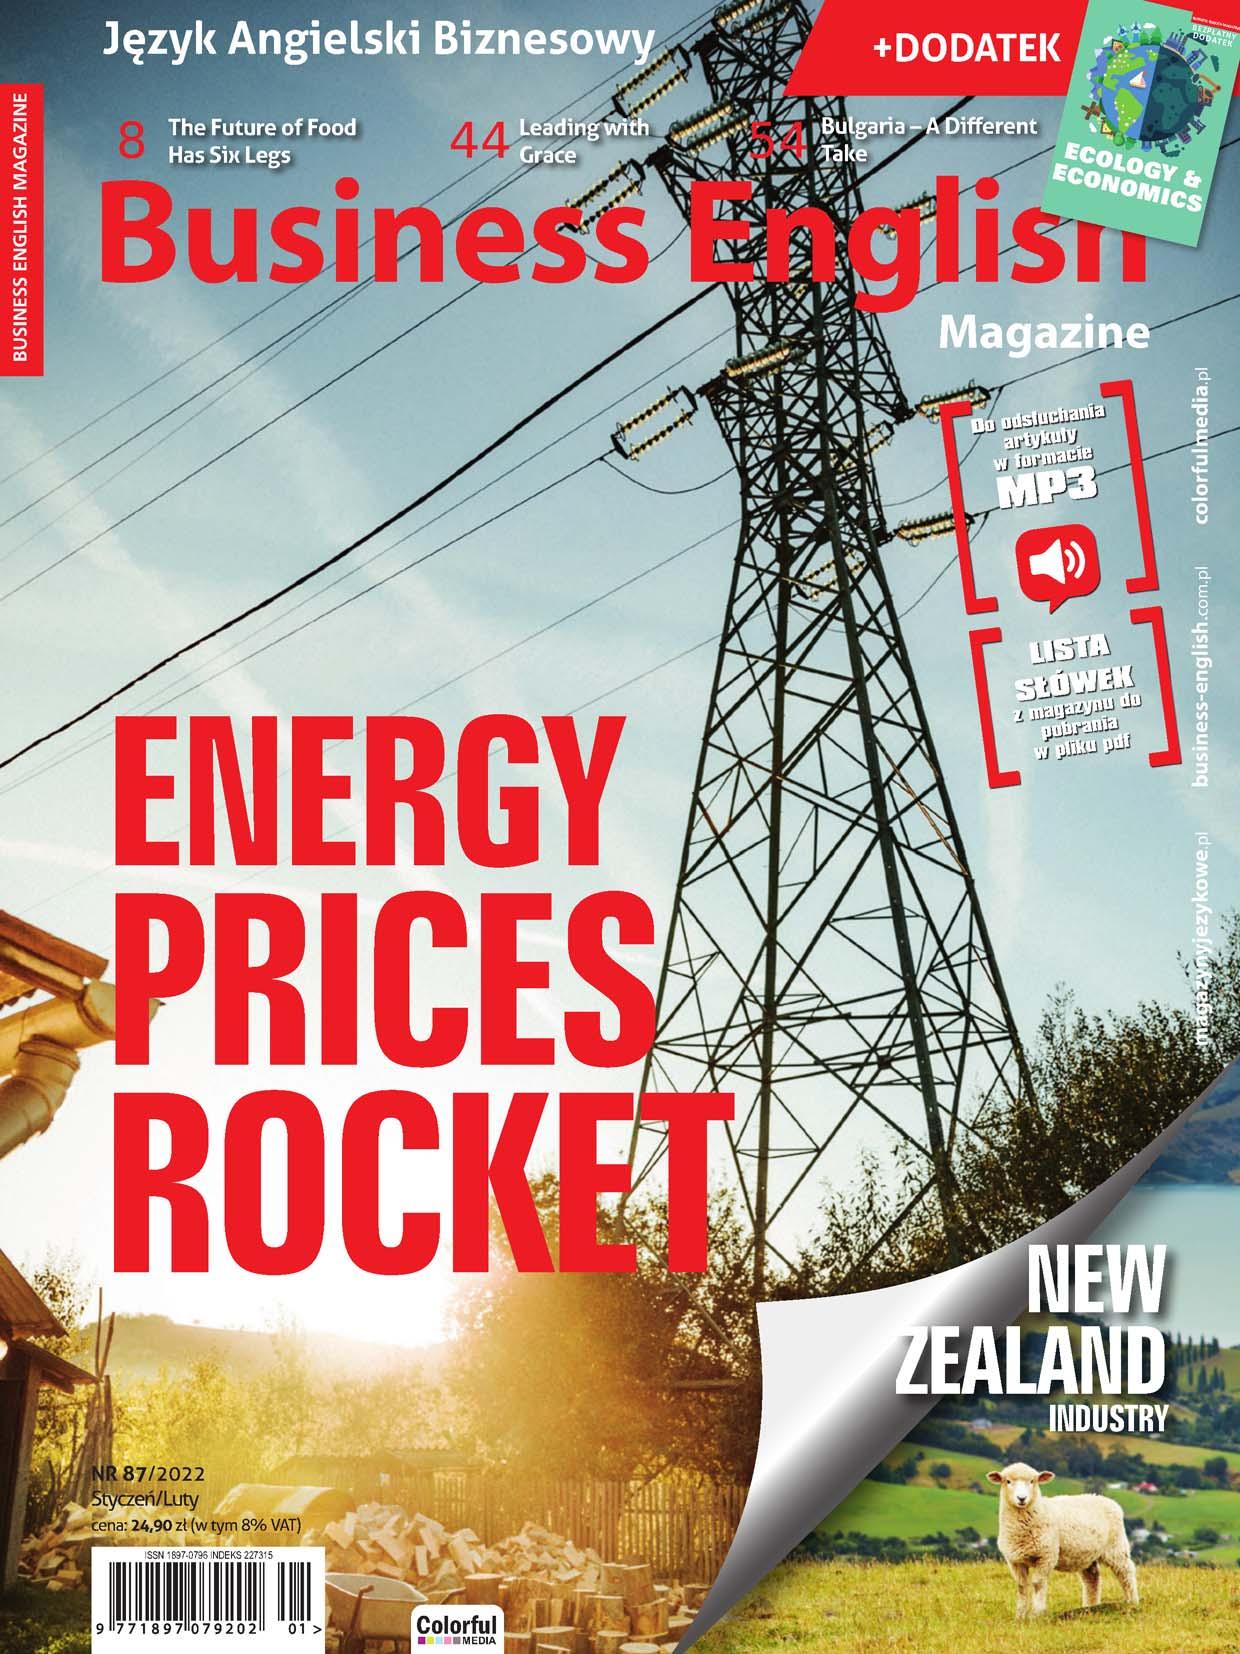 Business English Magazine - e-wydanie